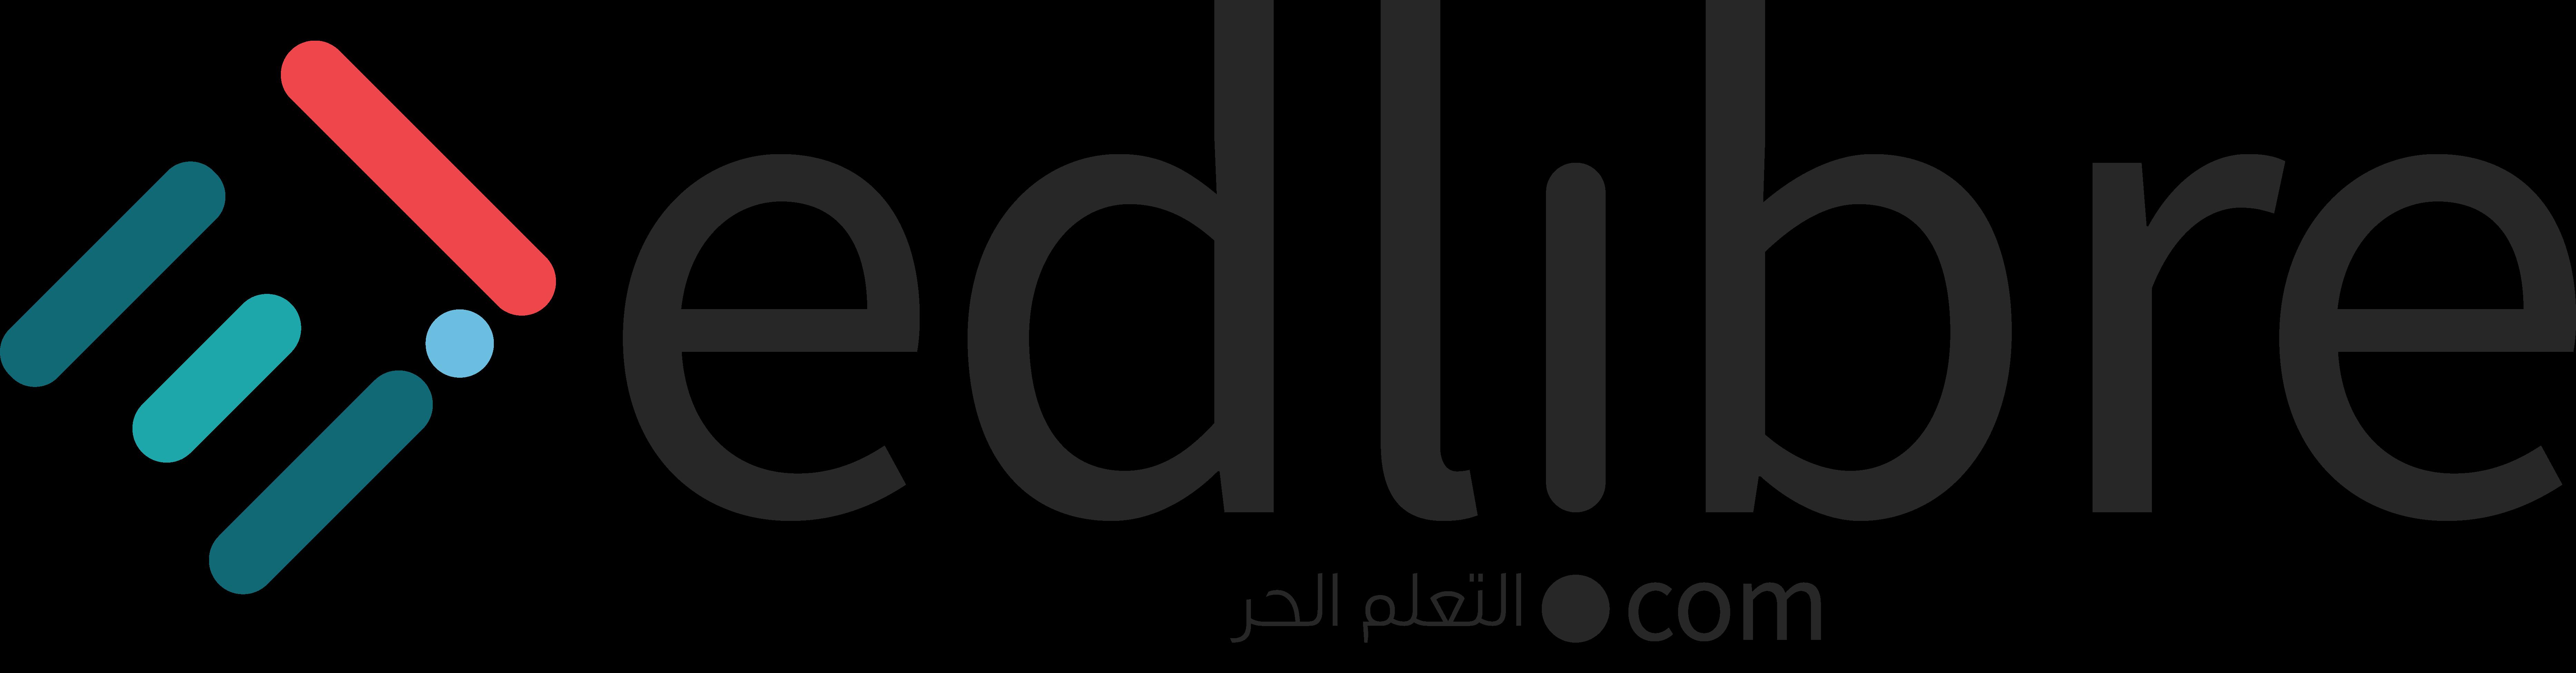 التعلم الحر – EDLibre